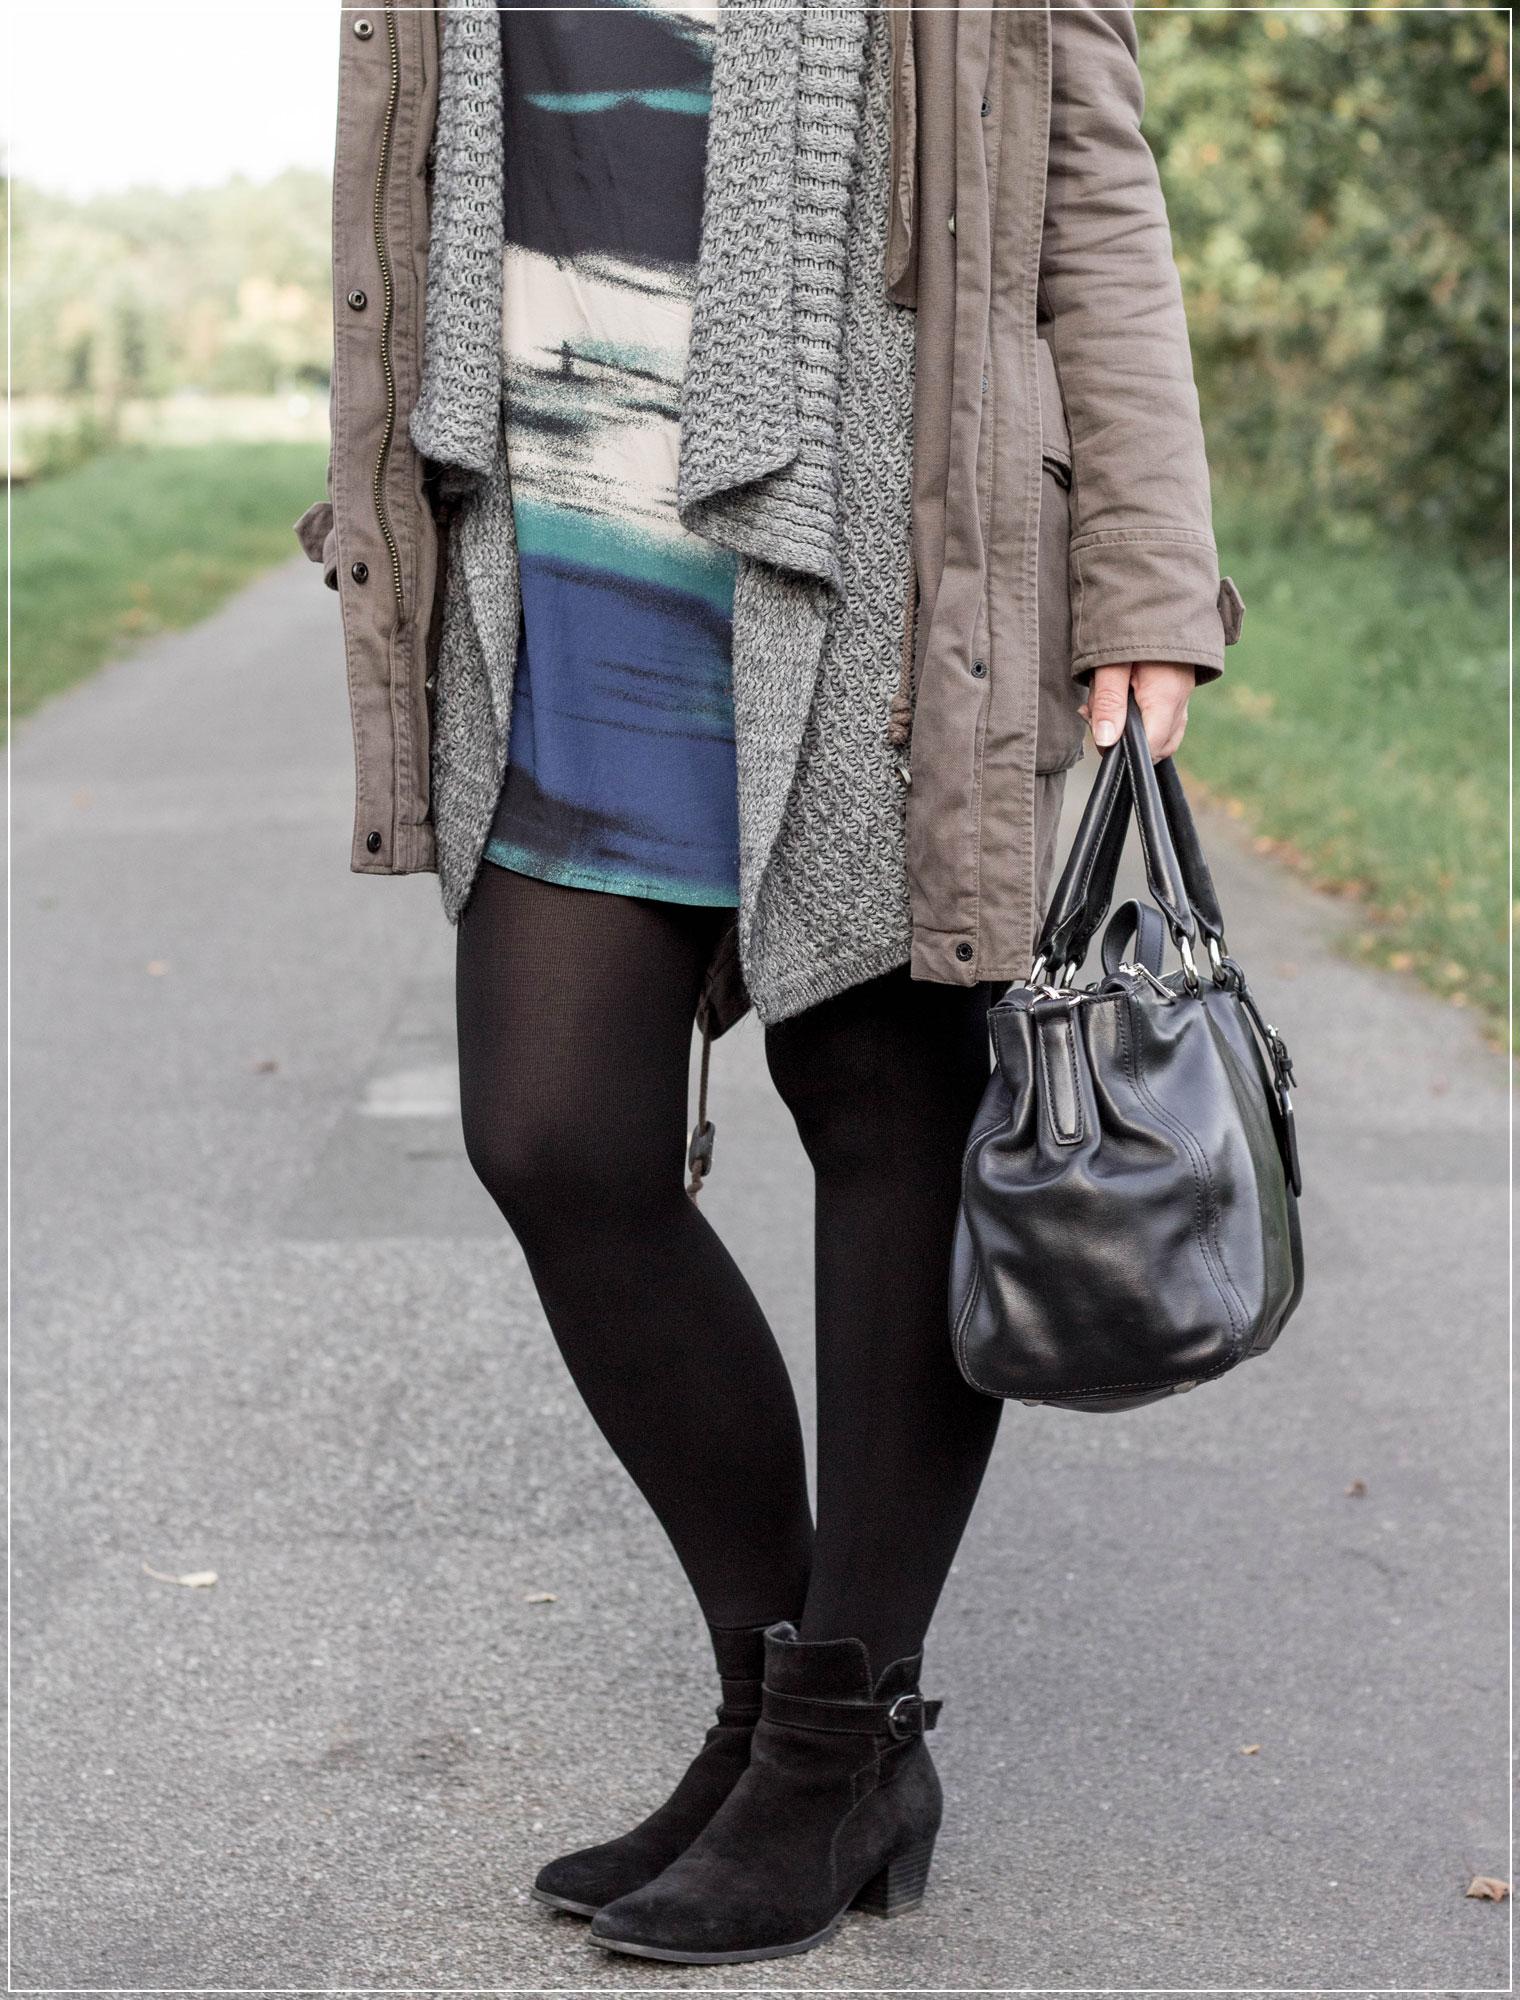 Herbstoutfit, Parka, Seidenkleid, Herbsttrend, Fashiontrend, Modetrend, Ruhrgebiet, Herbst, Autumnstyle, Herbstlook